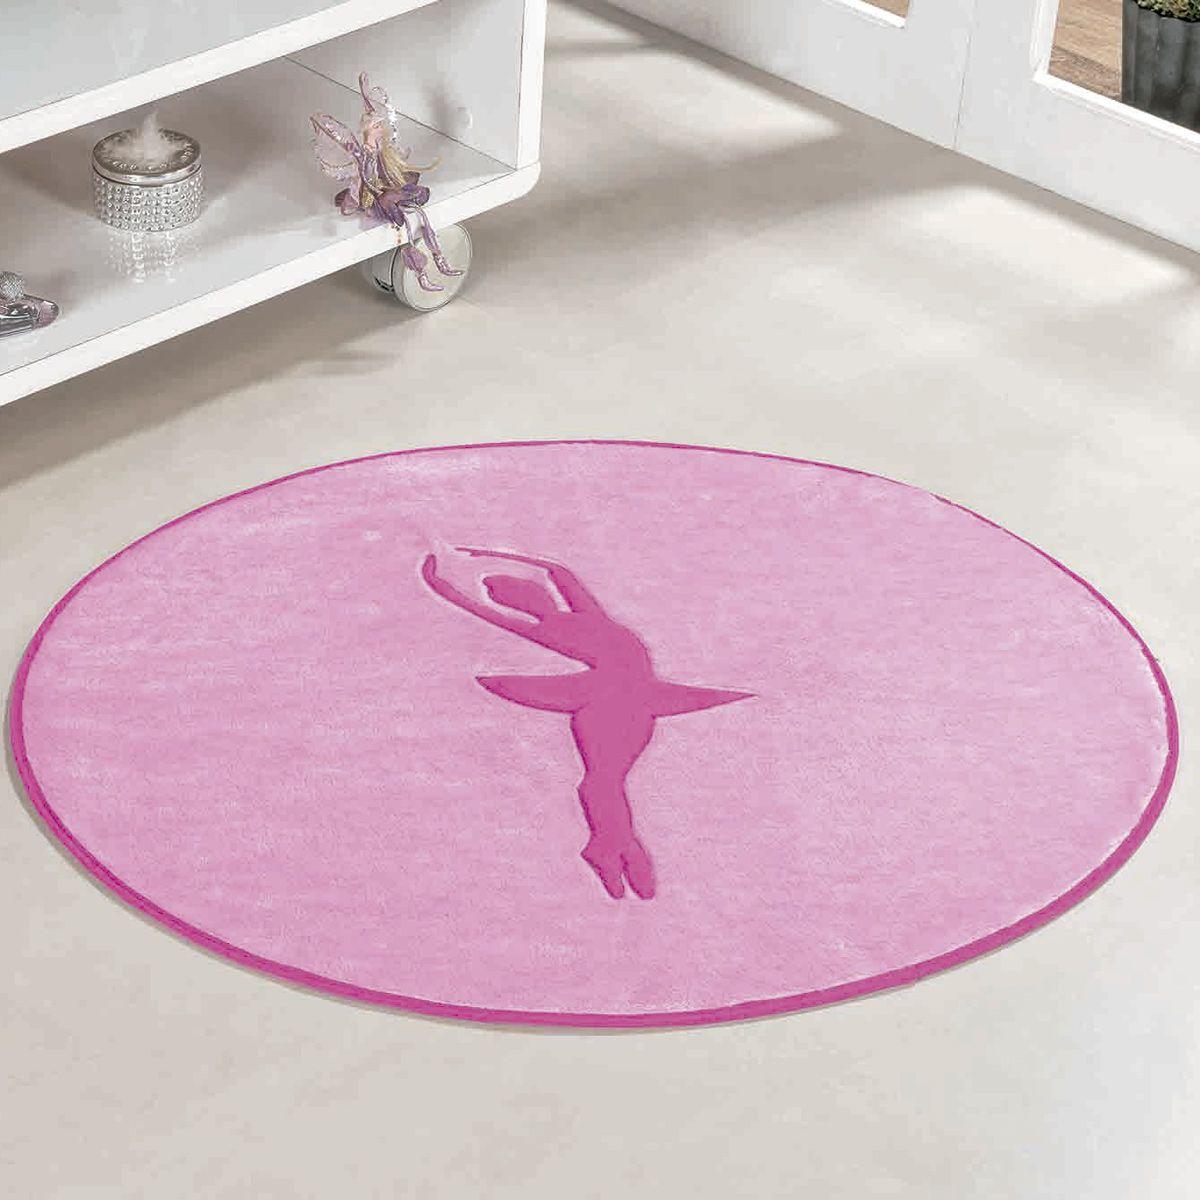 Tapete Big Infantil Premium Formato Bailarina Rosa 1,10m x 0,95m